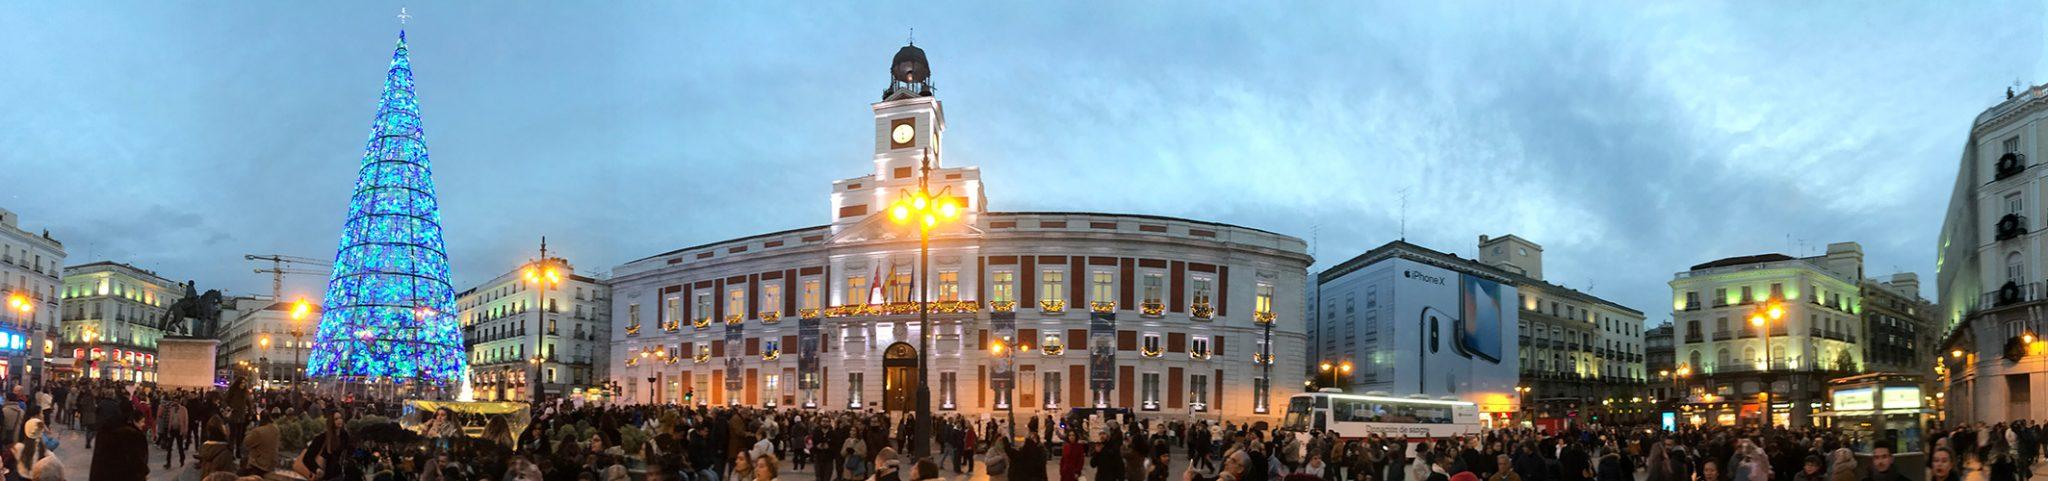 Vianočné trhy v Madride - Puerta del sol